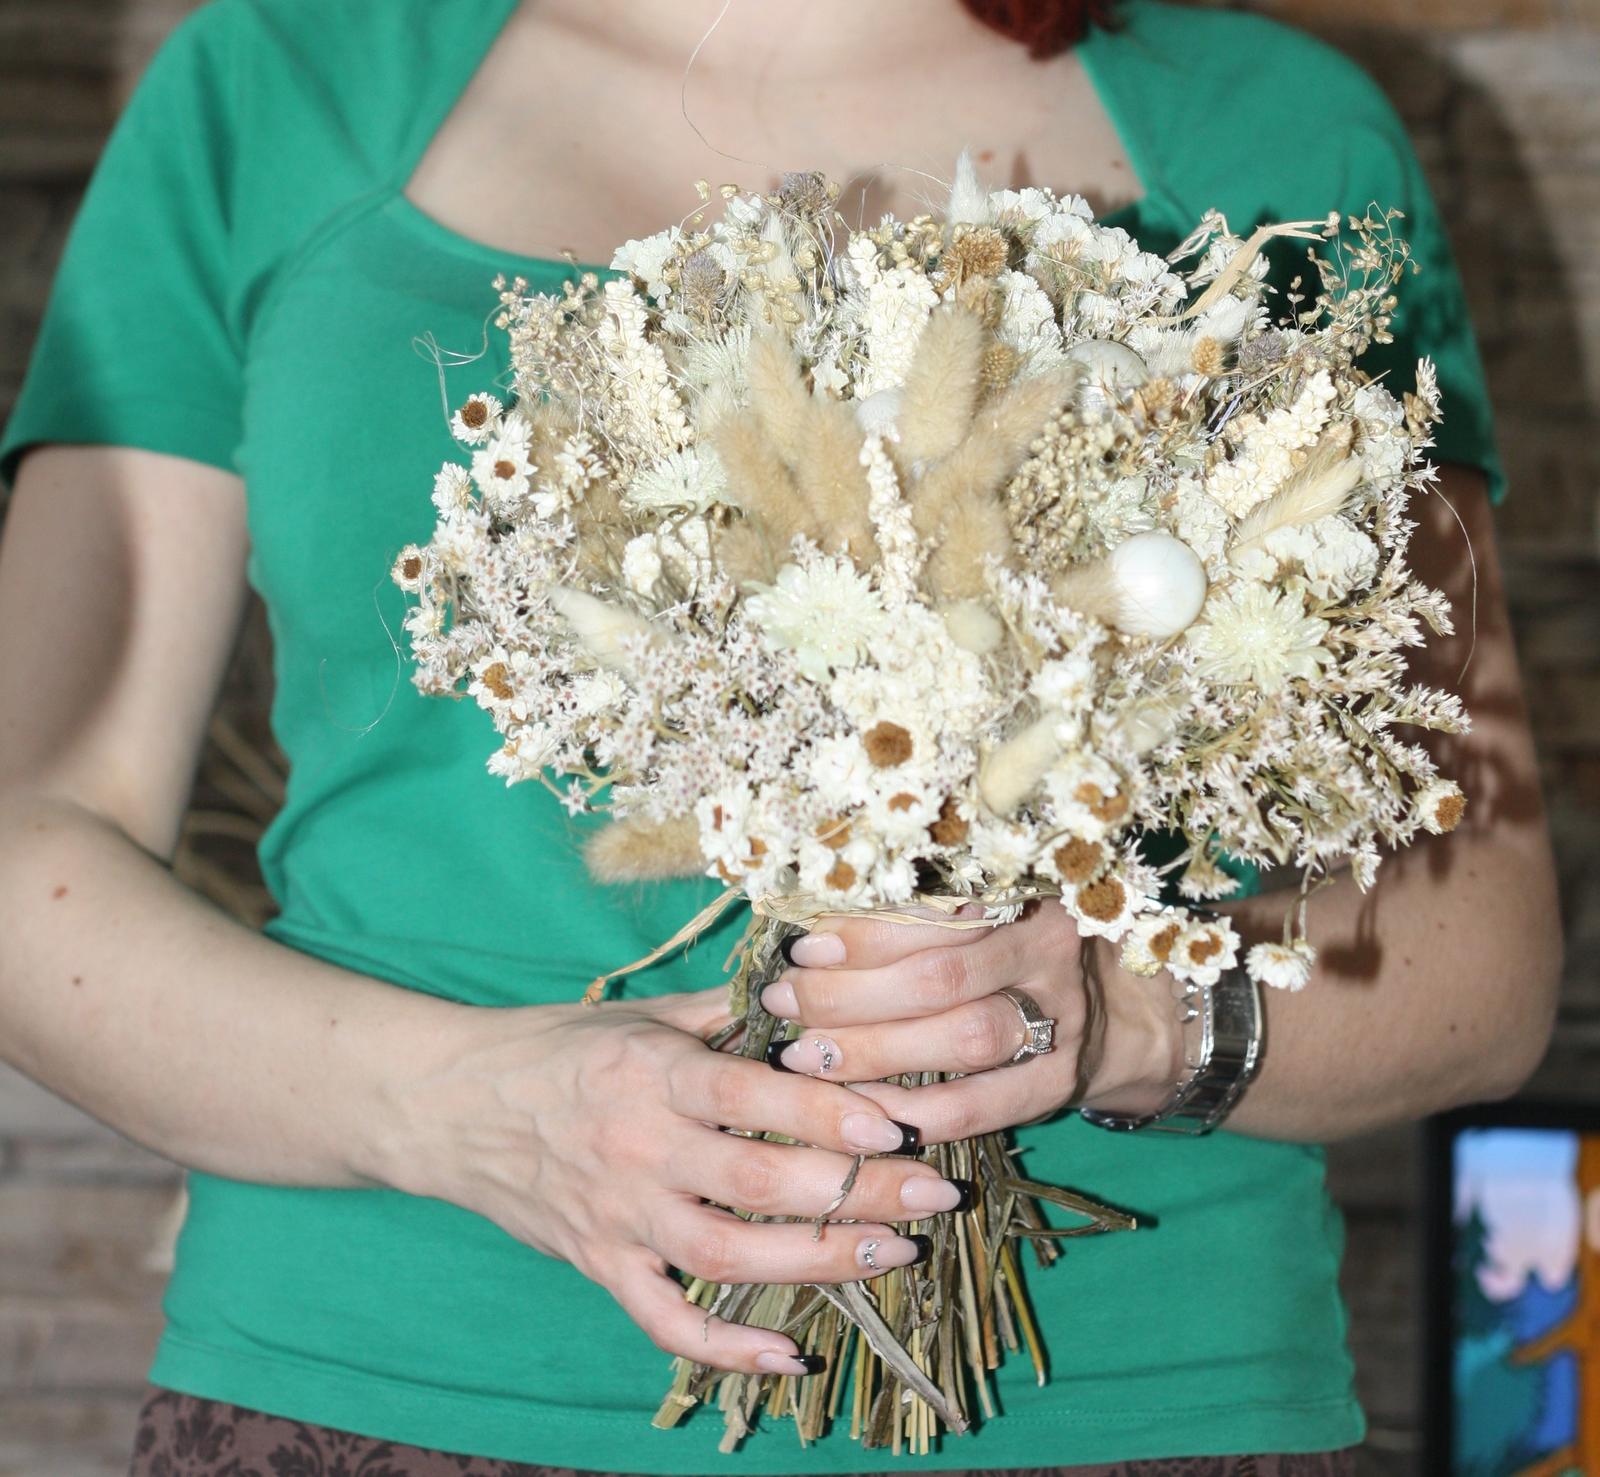 tak dalsia dilema :) snad pomozete, mala som uz davno kyticu, umelu lebo nechcem zive kvety a teraz som si dala urobit susene kytice na stol a jednu taku vacsiu, ktora sa mi zapacila, tak ktoru ako svadobnu? - Obrázok č. 2